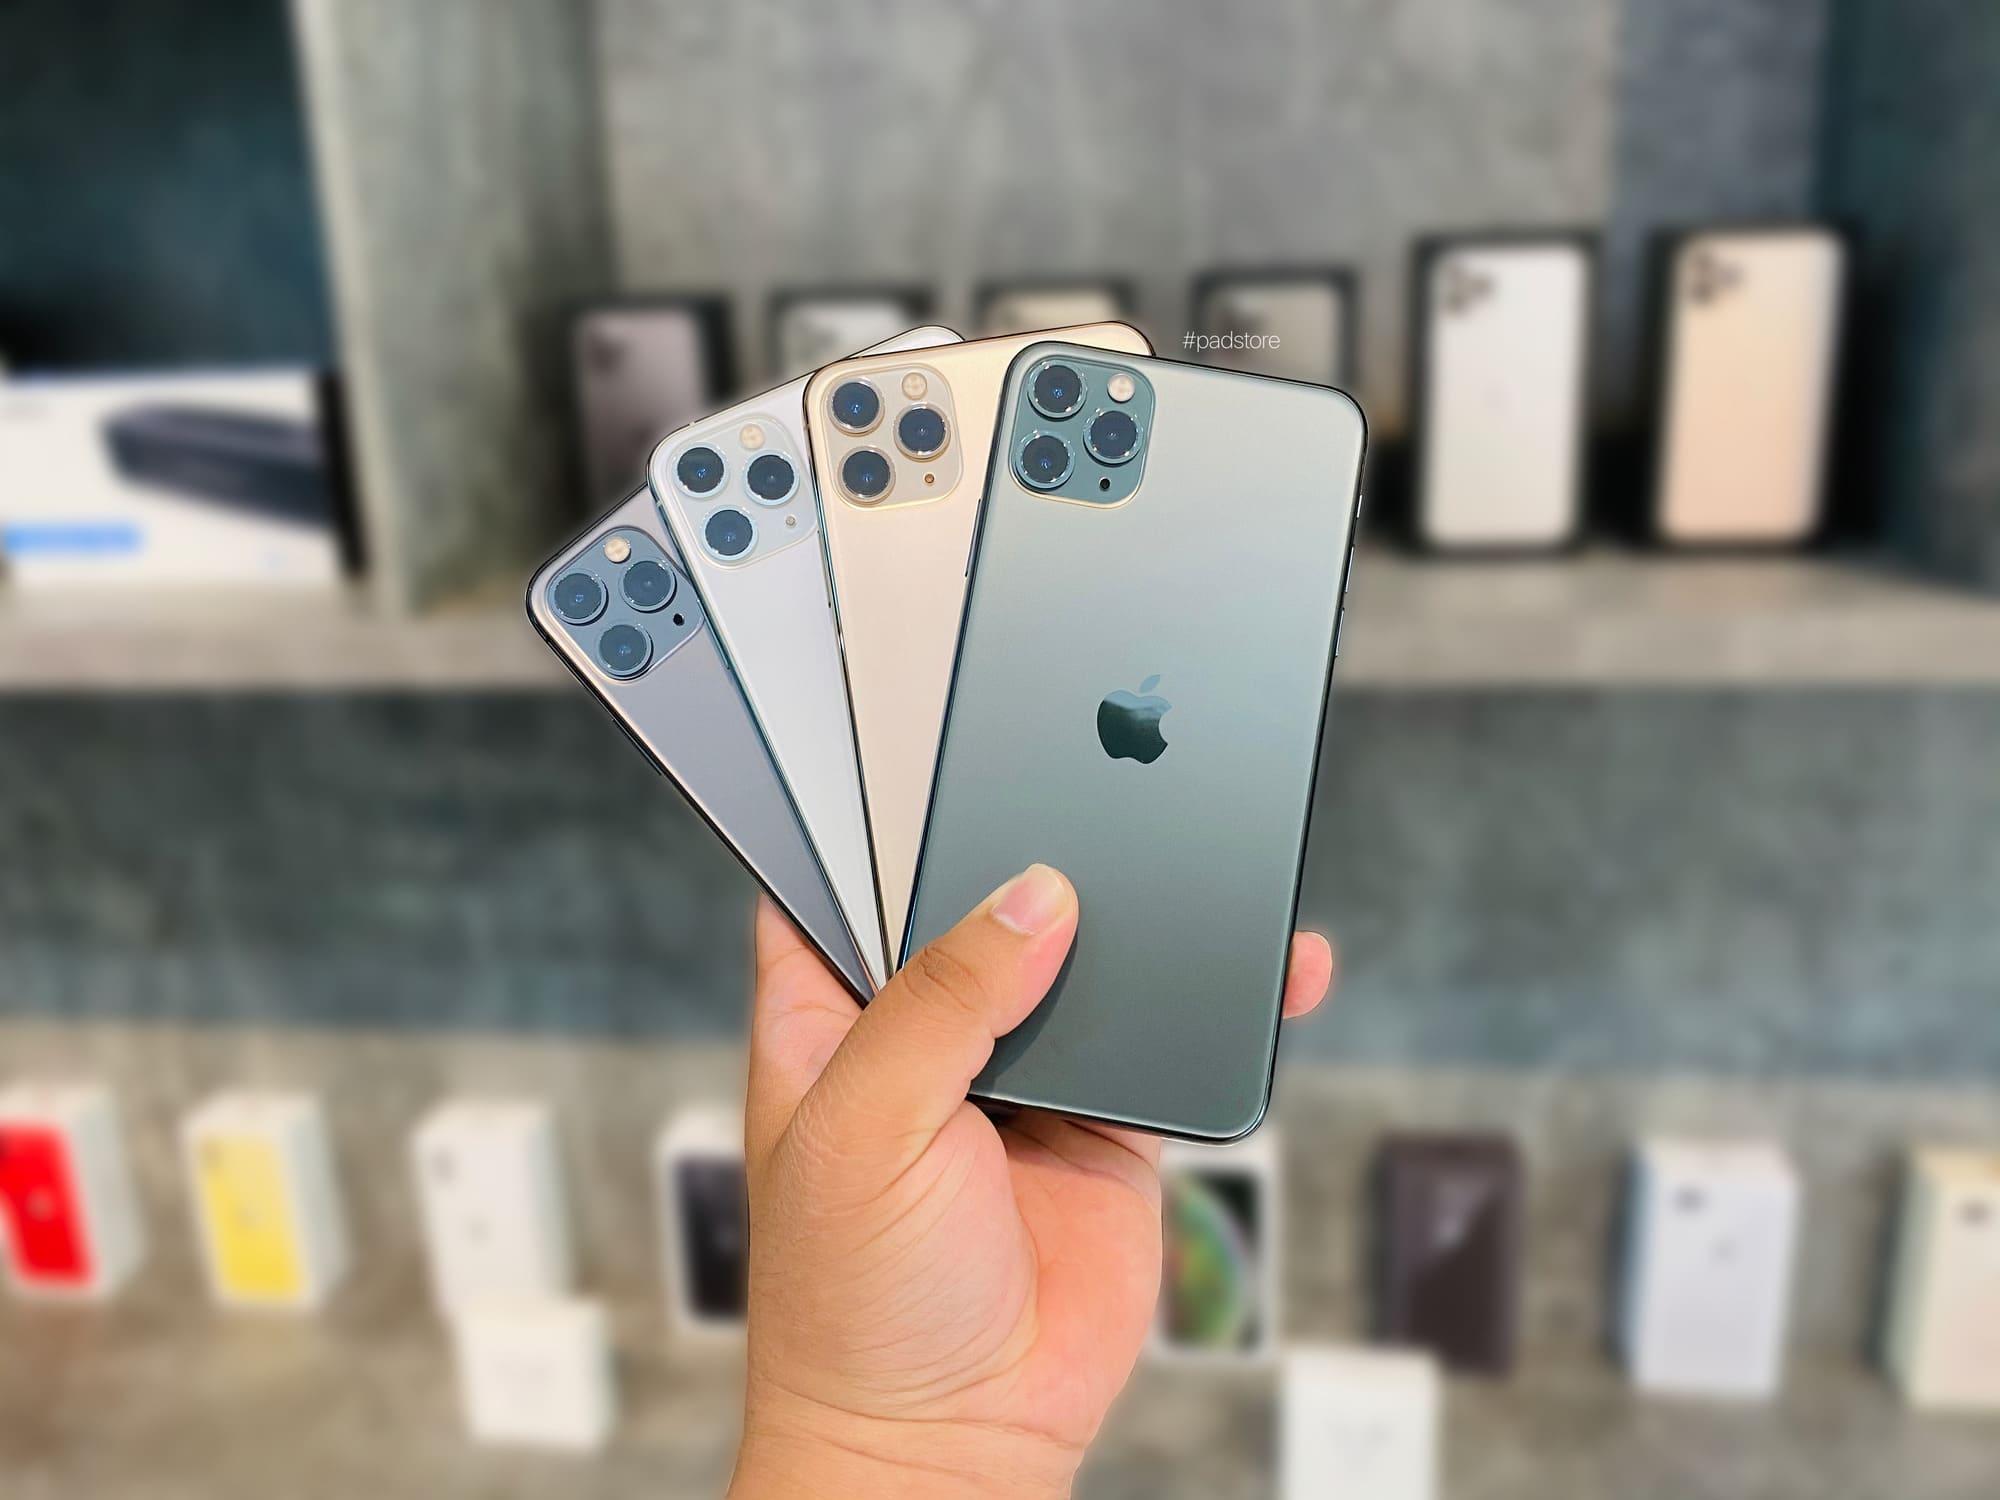 iPhone 11 Pro Max có mấy màu? Nên chọn phiên bản màu nào tốt nhất?